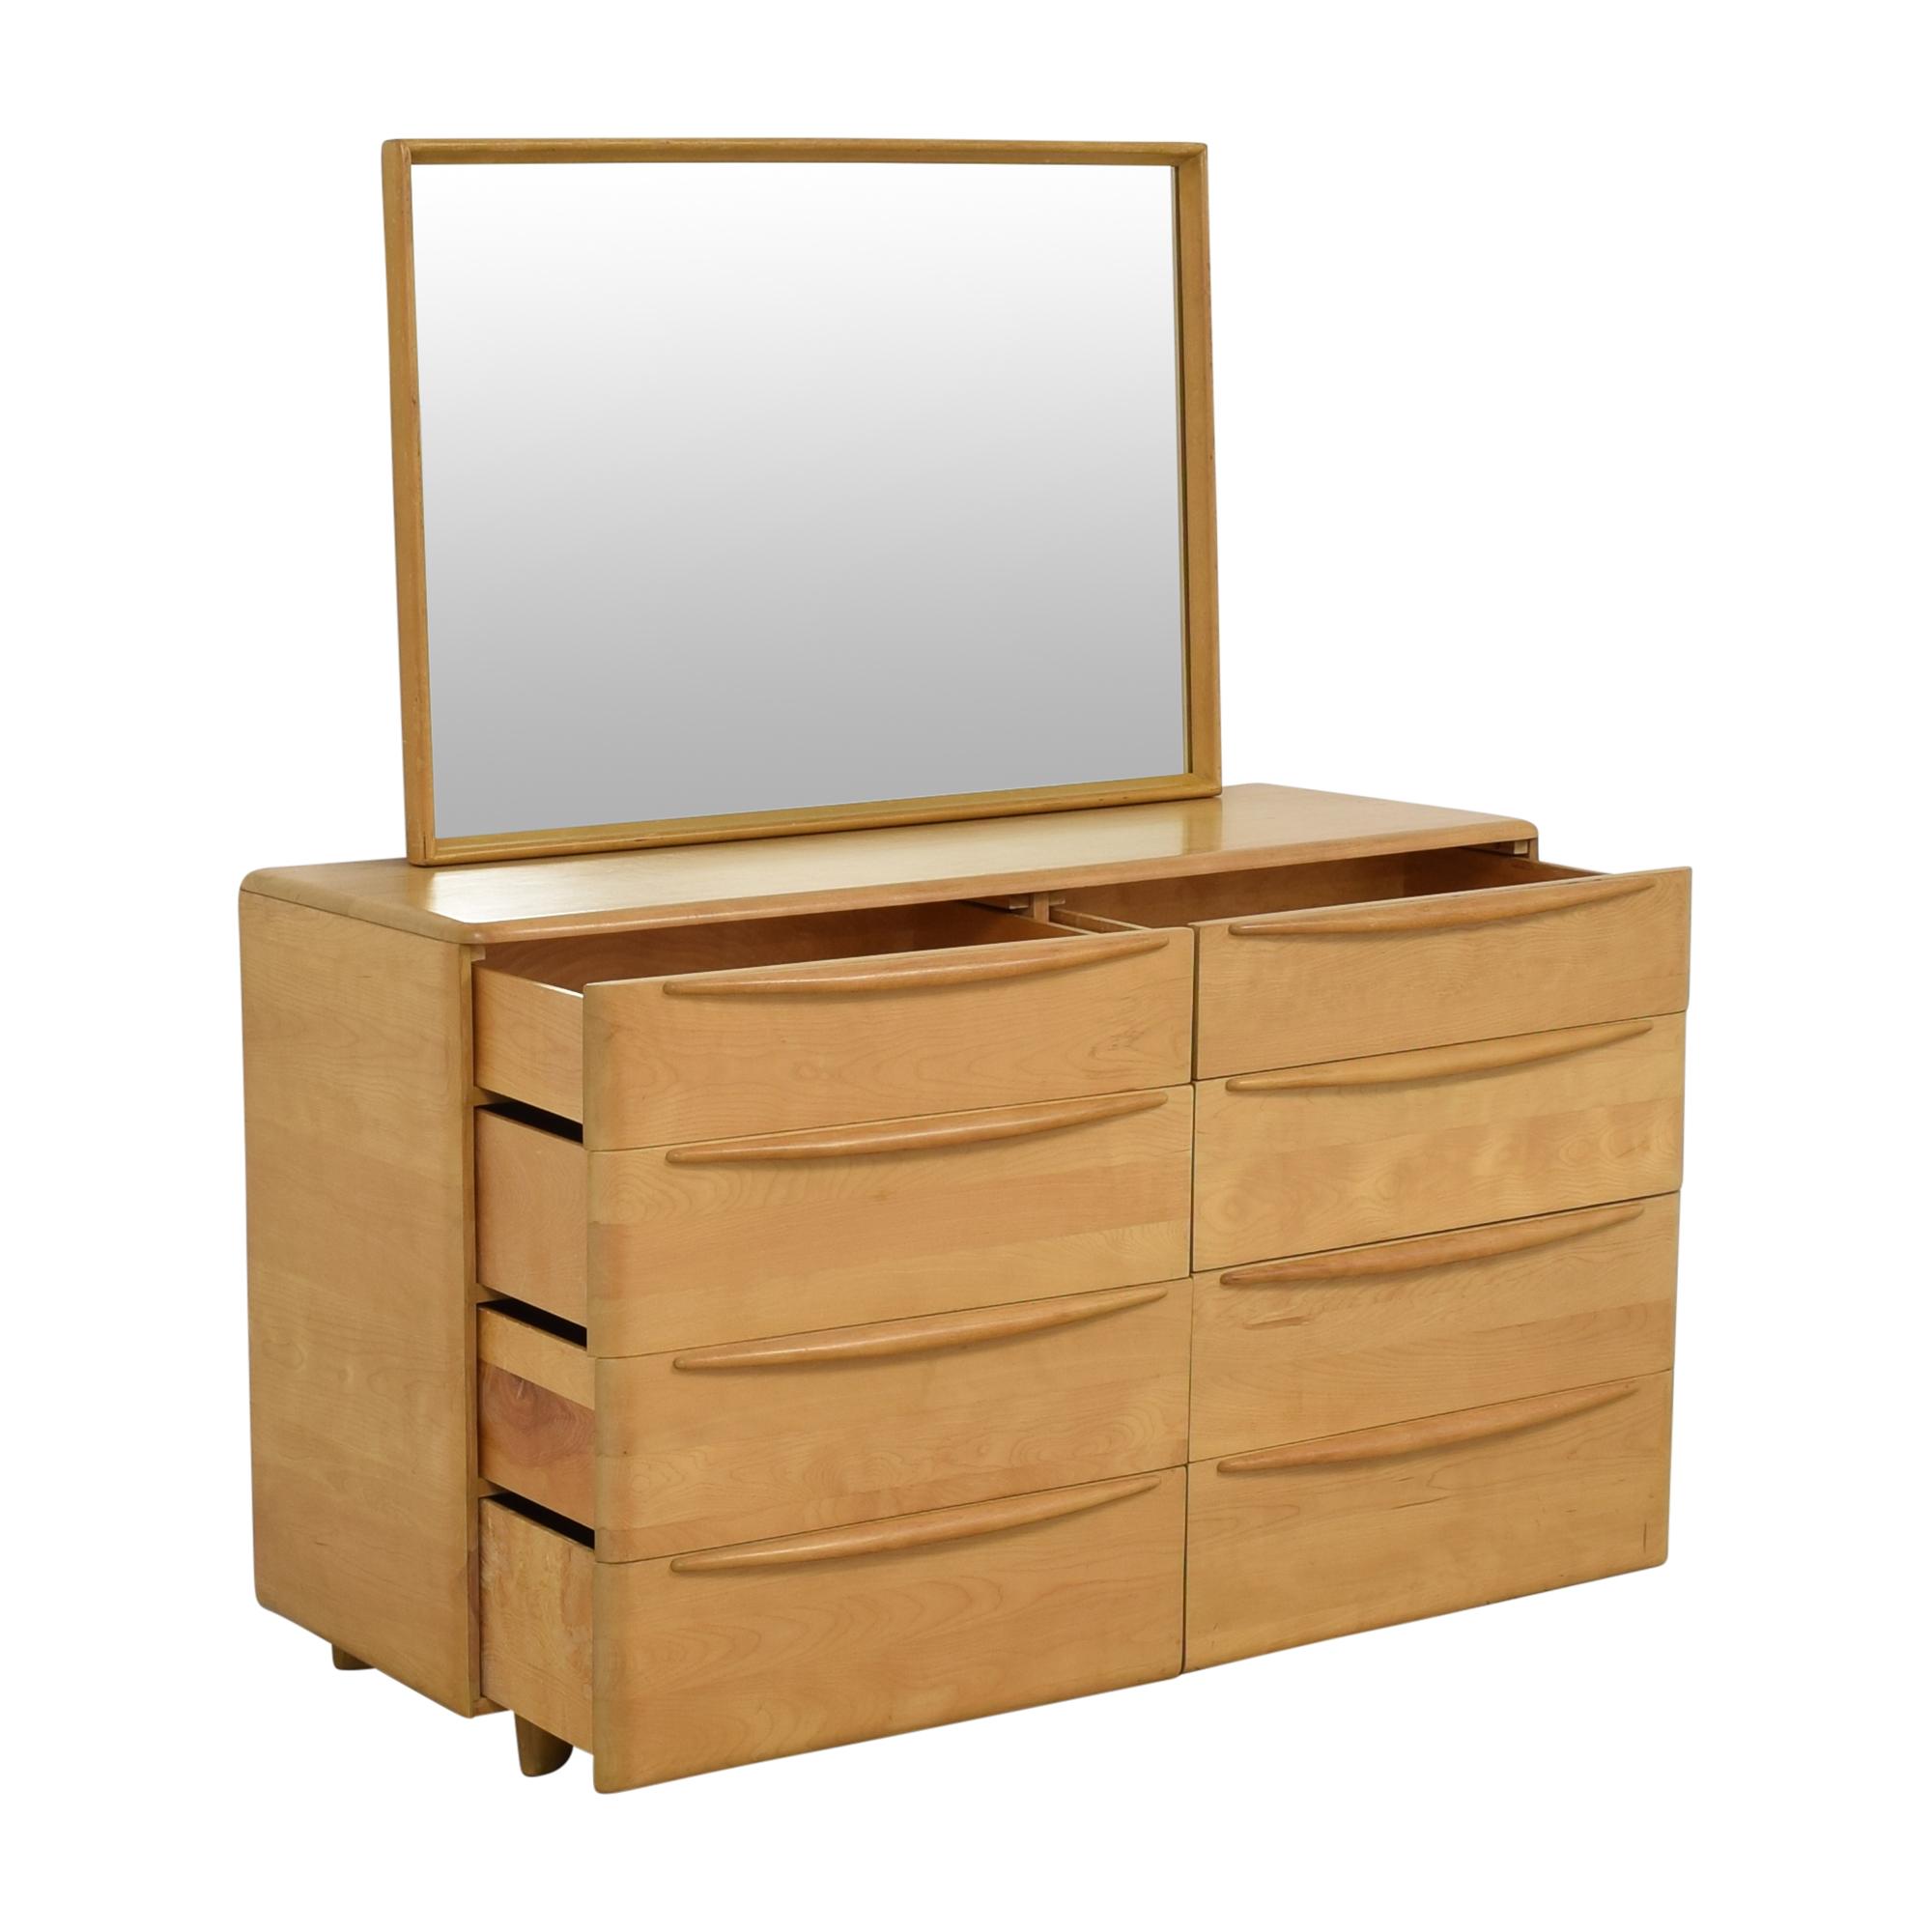 Heywood-Wakefield Heywood-Wakefield Encore Eight Drawer Dresser with Mirror nj